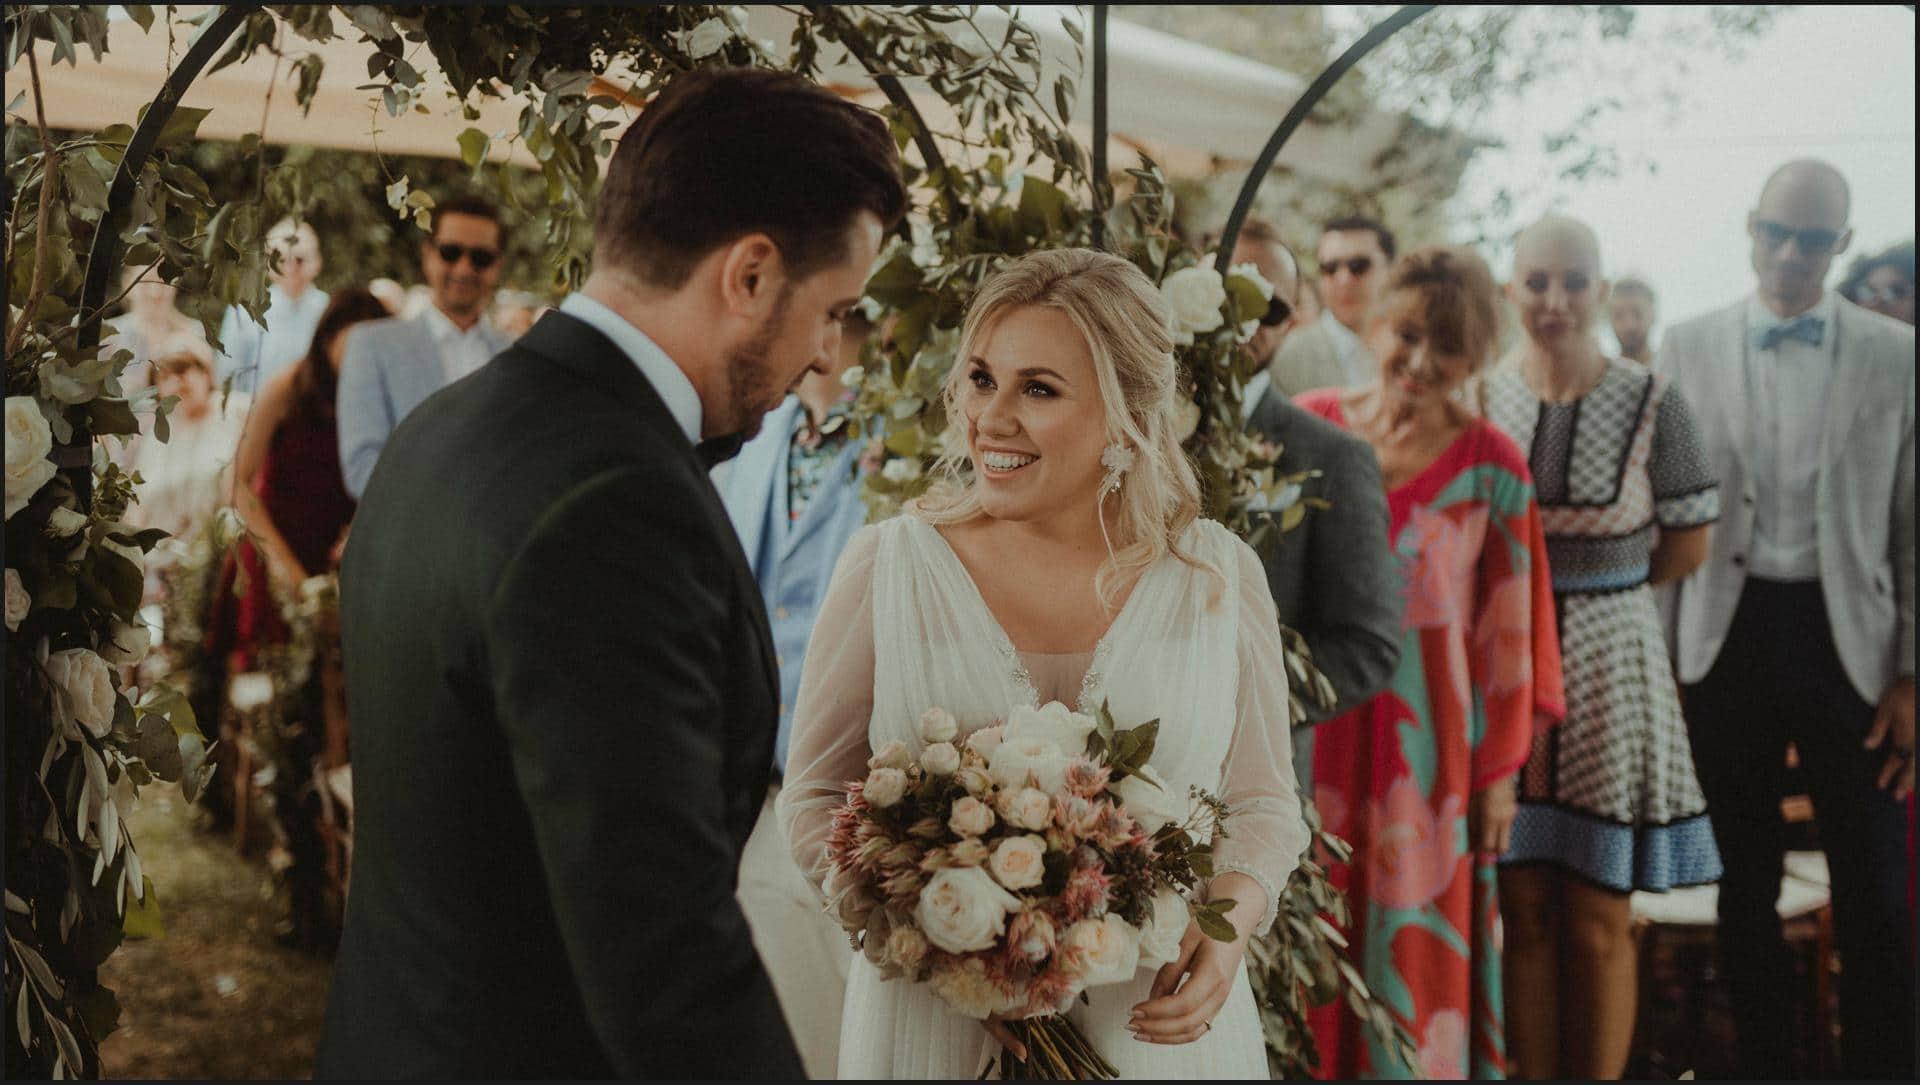 borgo di tragliata, wedding, rome, wedding in rome, ceremony, bride and groom